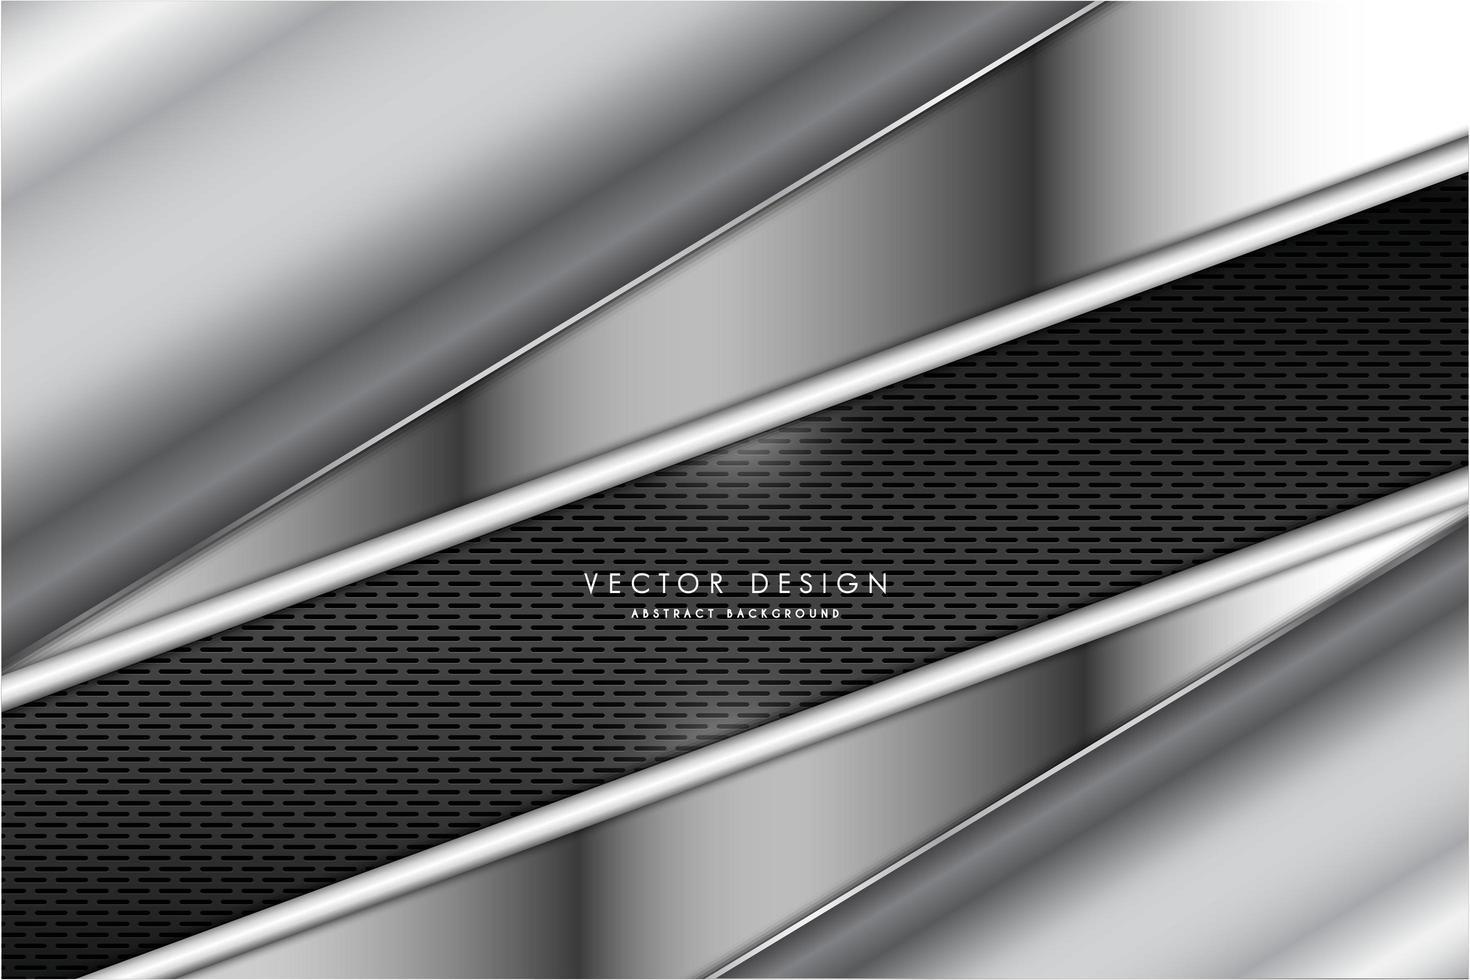 panneaux argentés à angle métallique avec texture de grille sombre vecteur